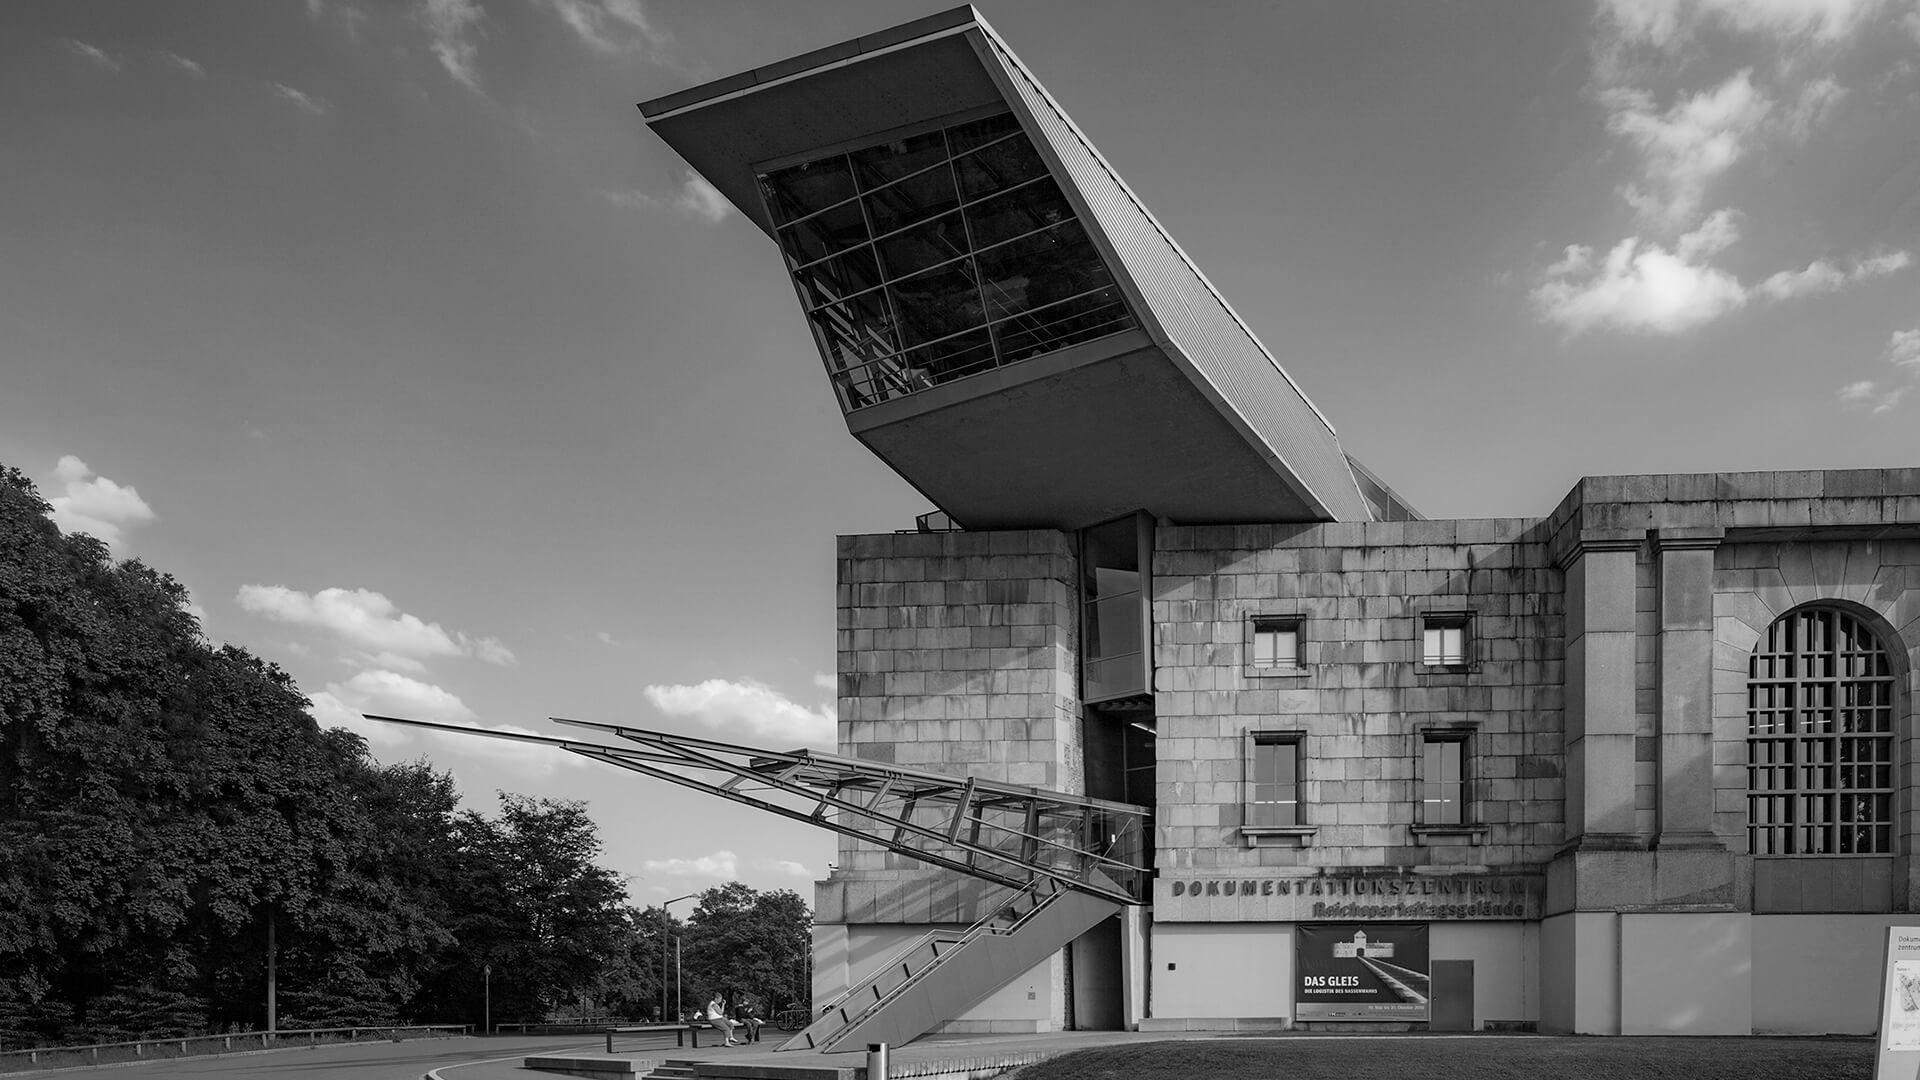 Dokumentationszentrum Reichsparteitagsgelände Nürnberg (© by Markus Buck)